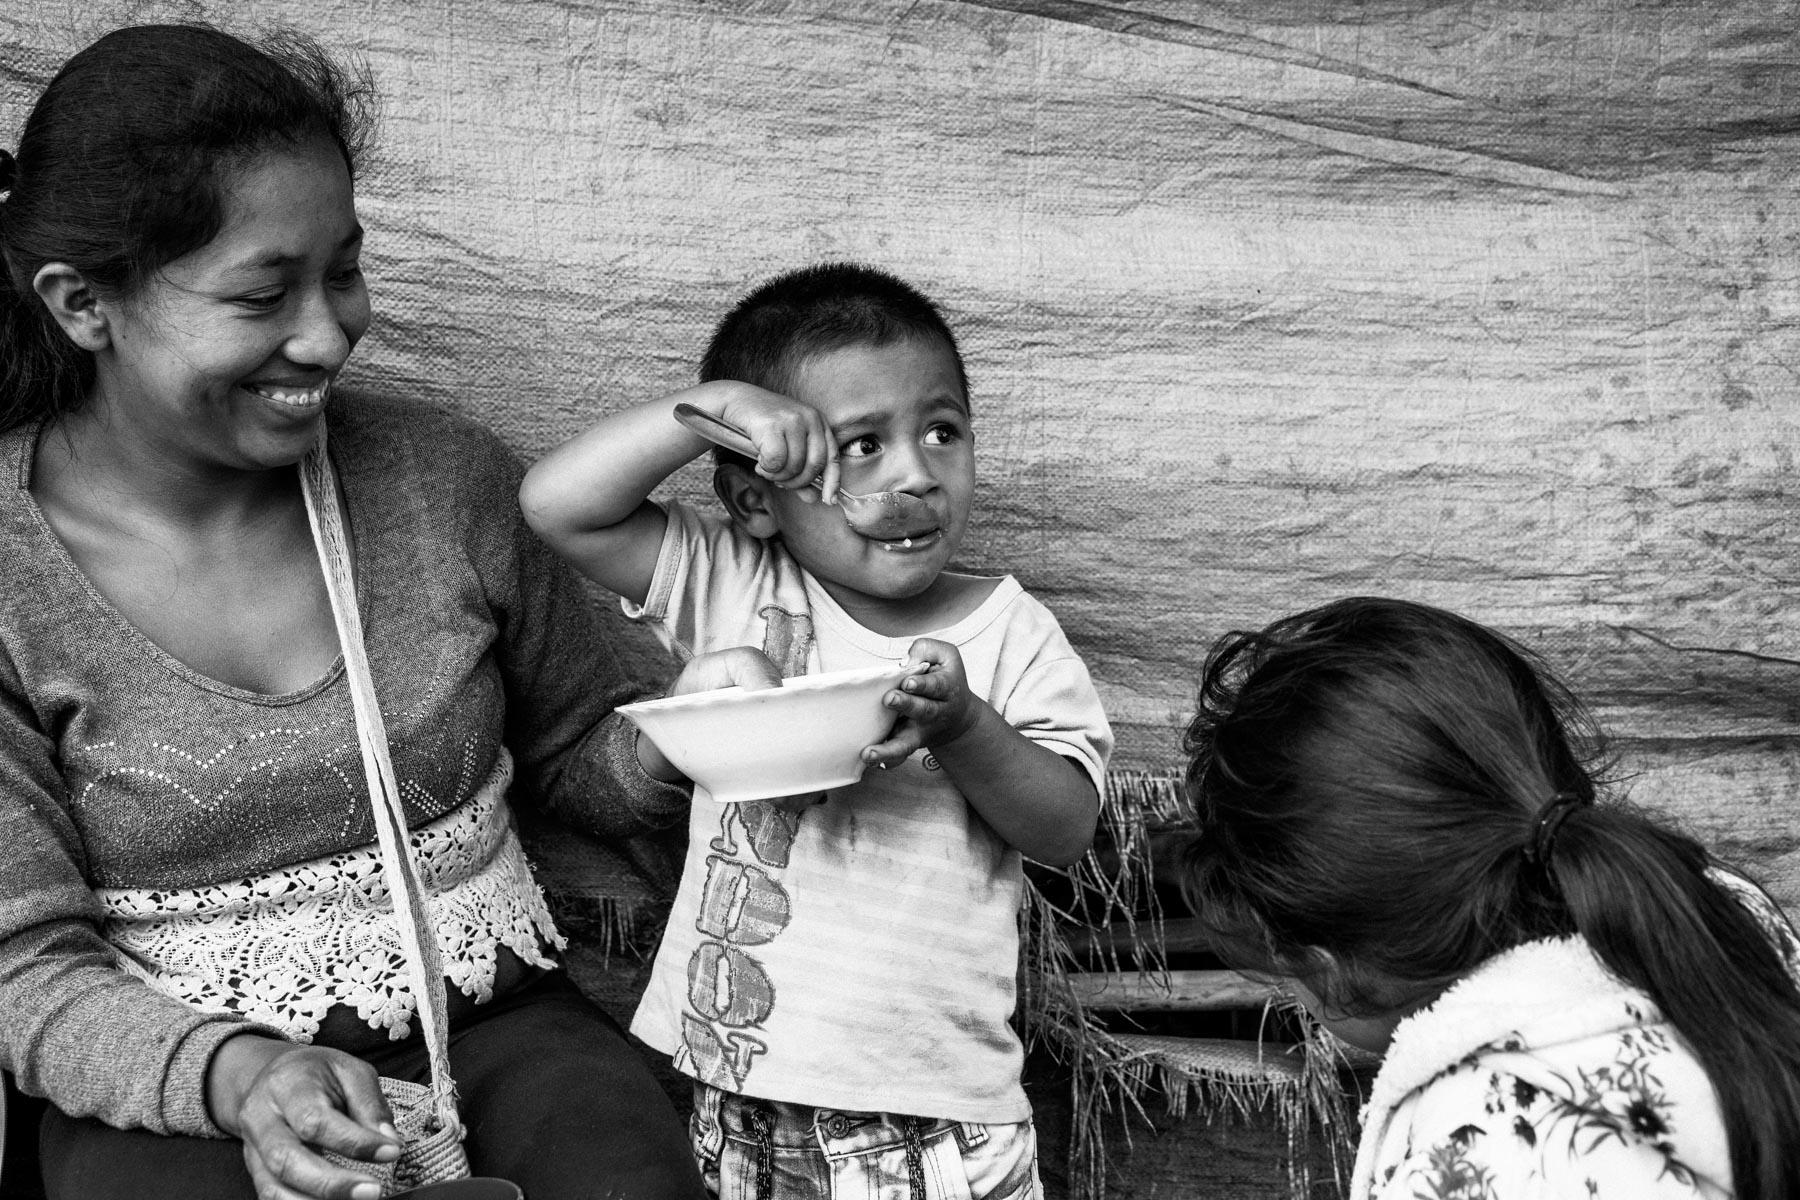 Maria Elena Uscue Ul (21 años) con su hijo David Pavi Uscue (3 años), La Primicia, Resguardo San Francisco. Cauca, Colombia, Agosto 19, 2018.